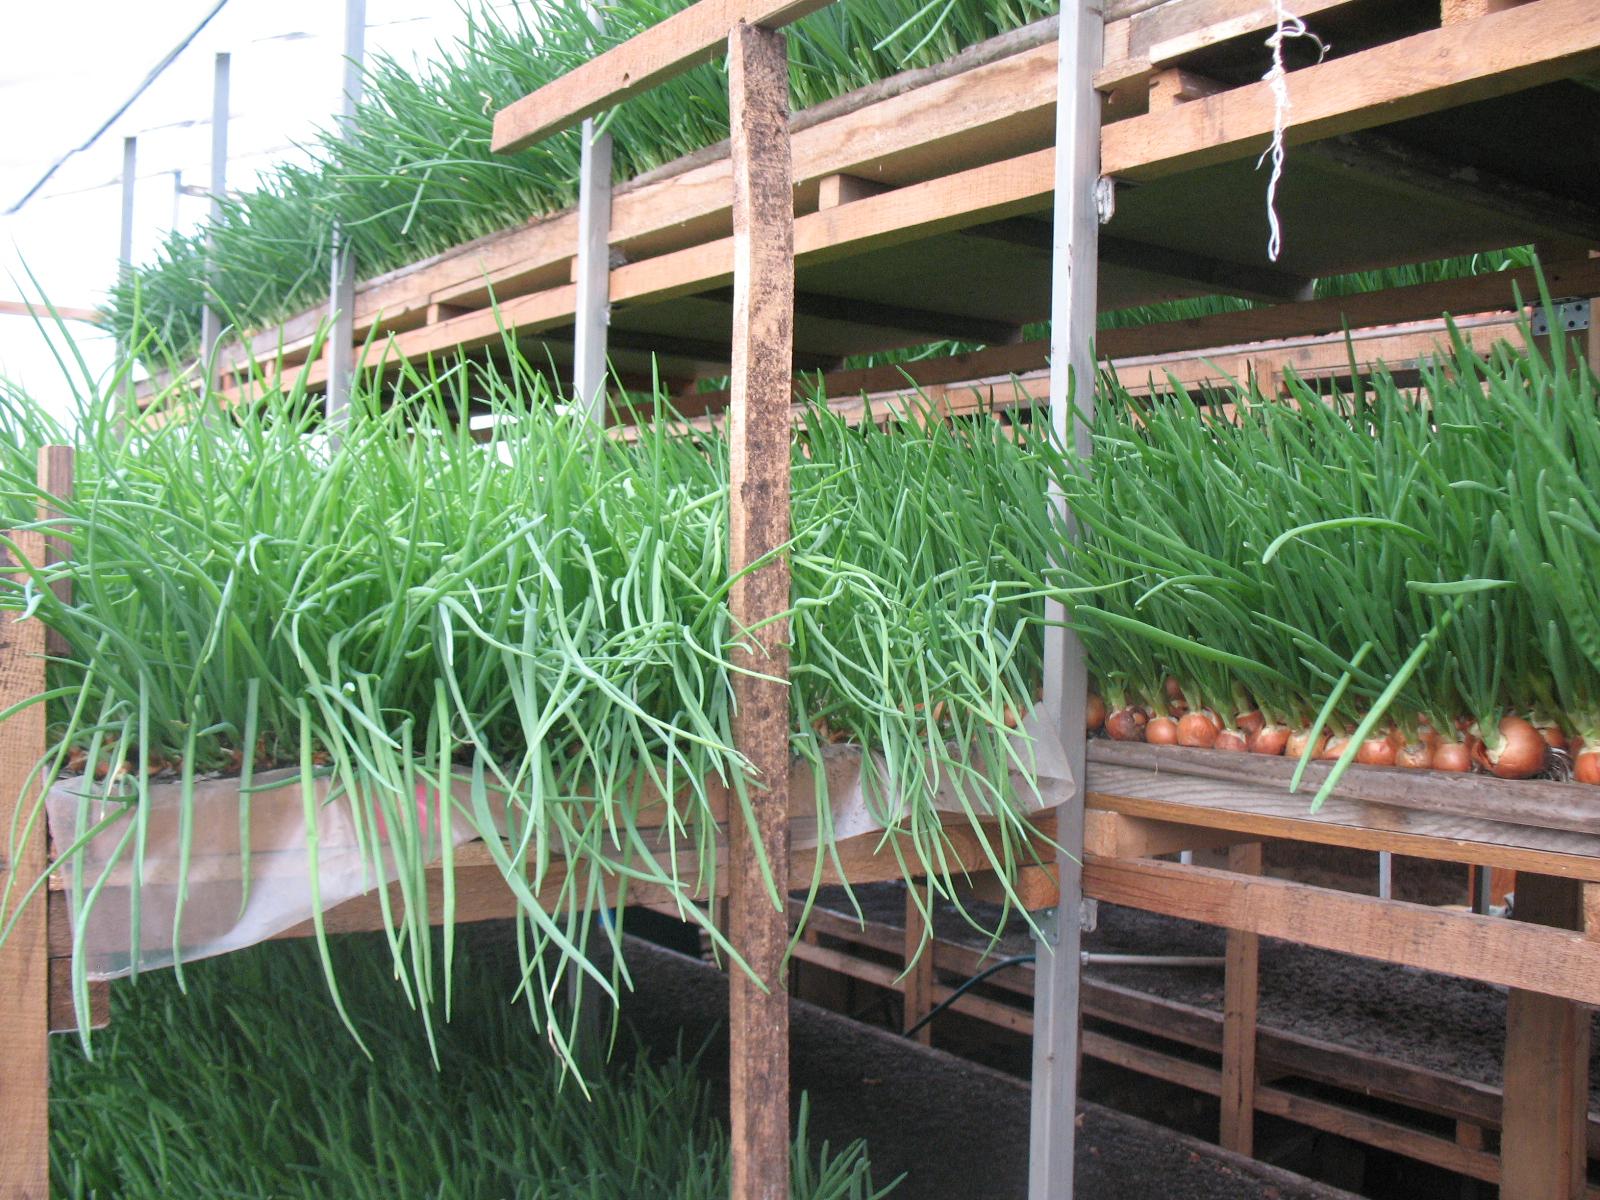 Лучшие сорта укропа для открытого грунта для выращивания в подмосковье: фото и описание